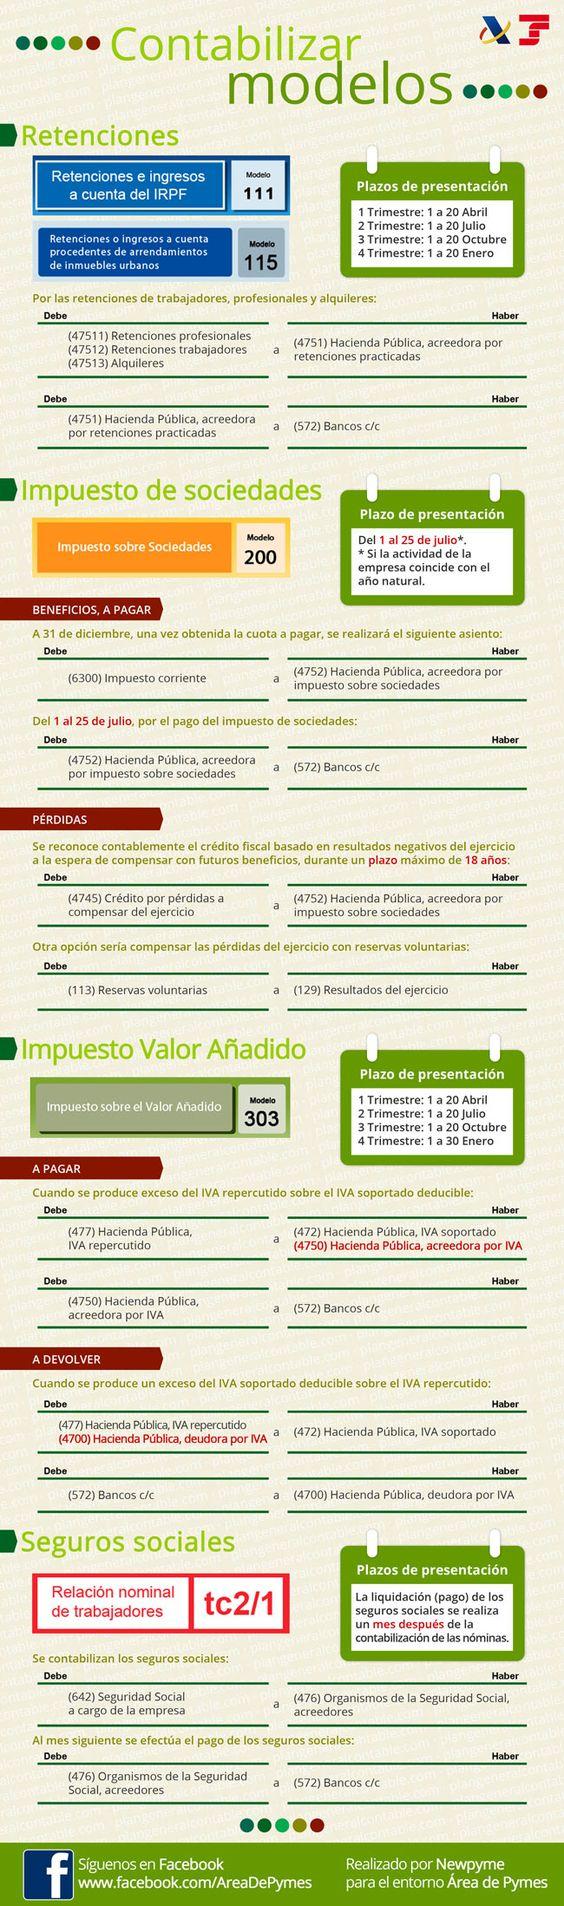 Infografía para contabilizar modelos de hacienda y seguridad social: